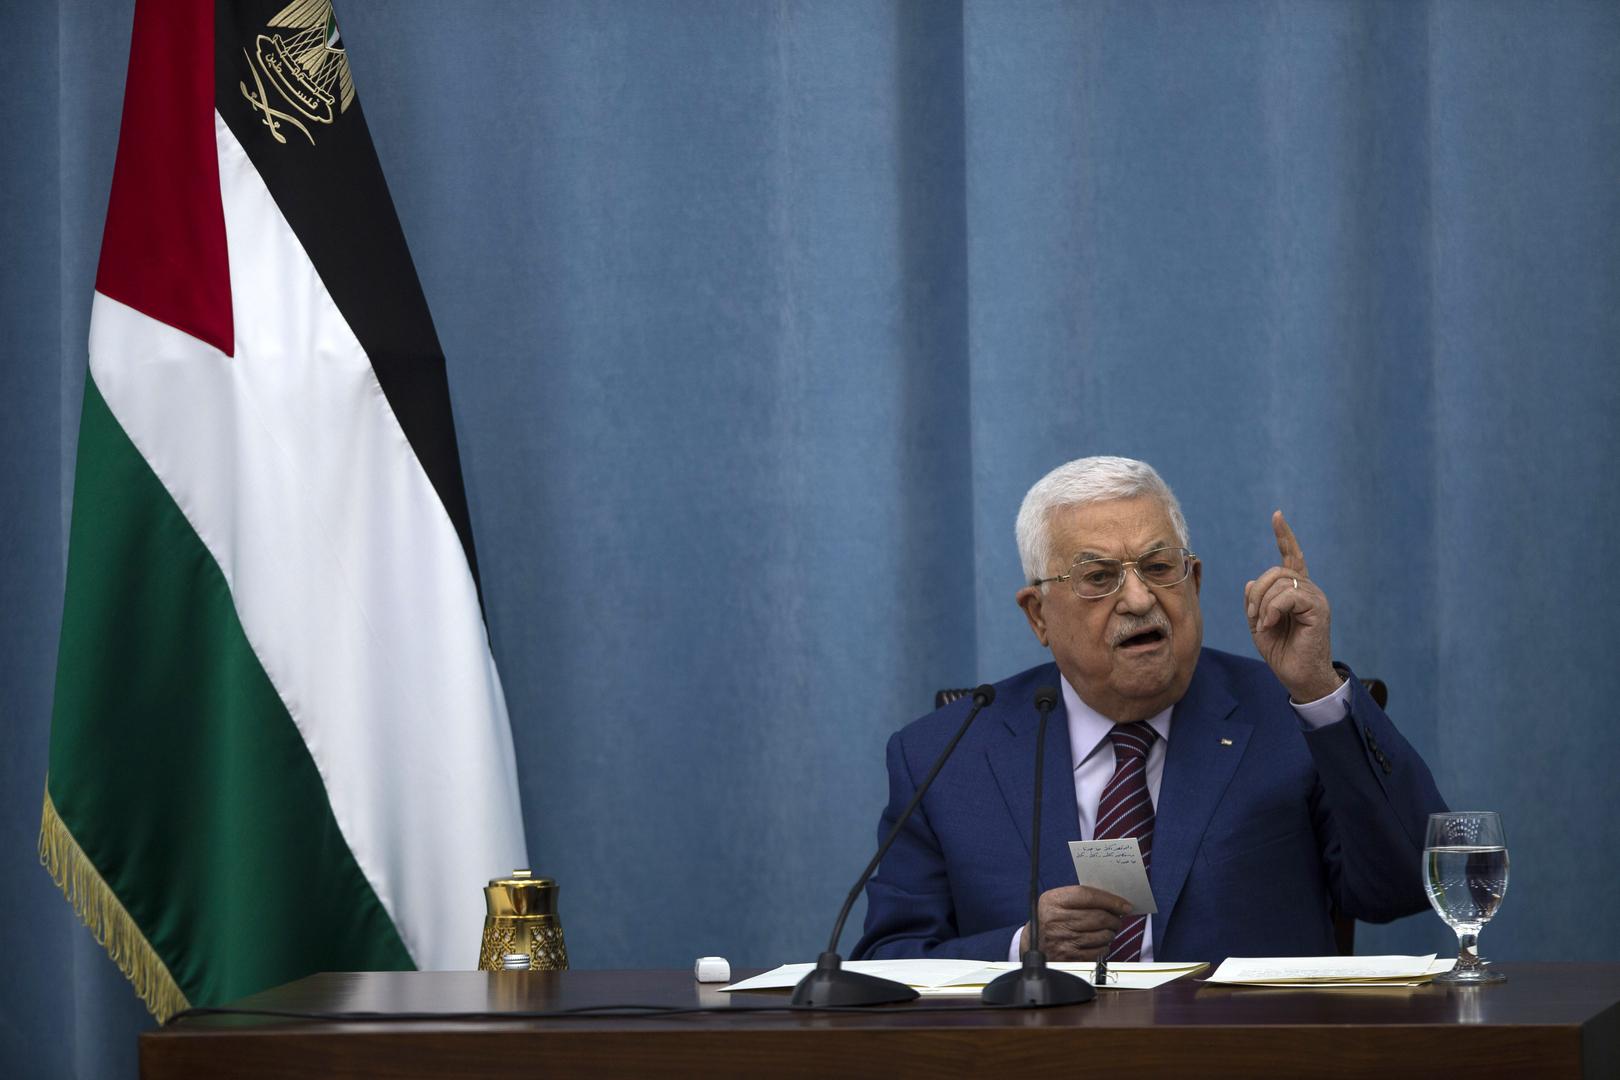 الرئيس الفلسطيني يرحب بقرار حزب العمال البريطاني